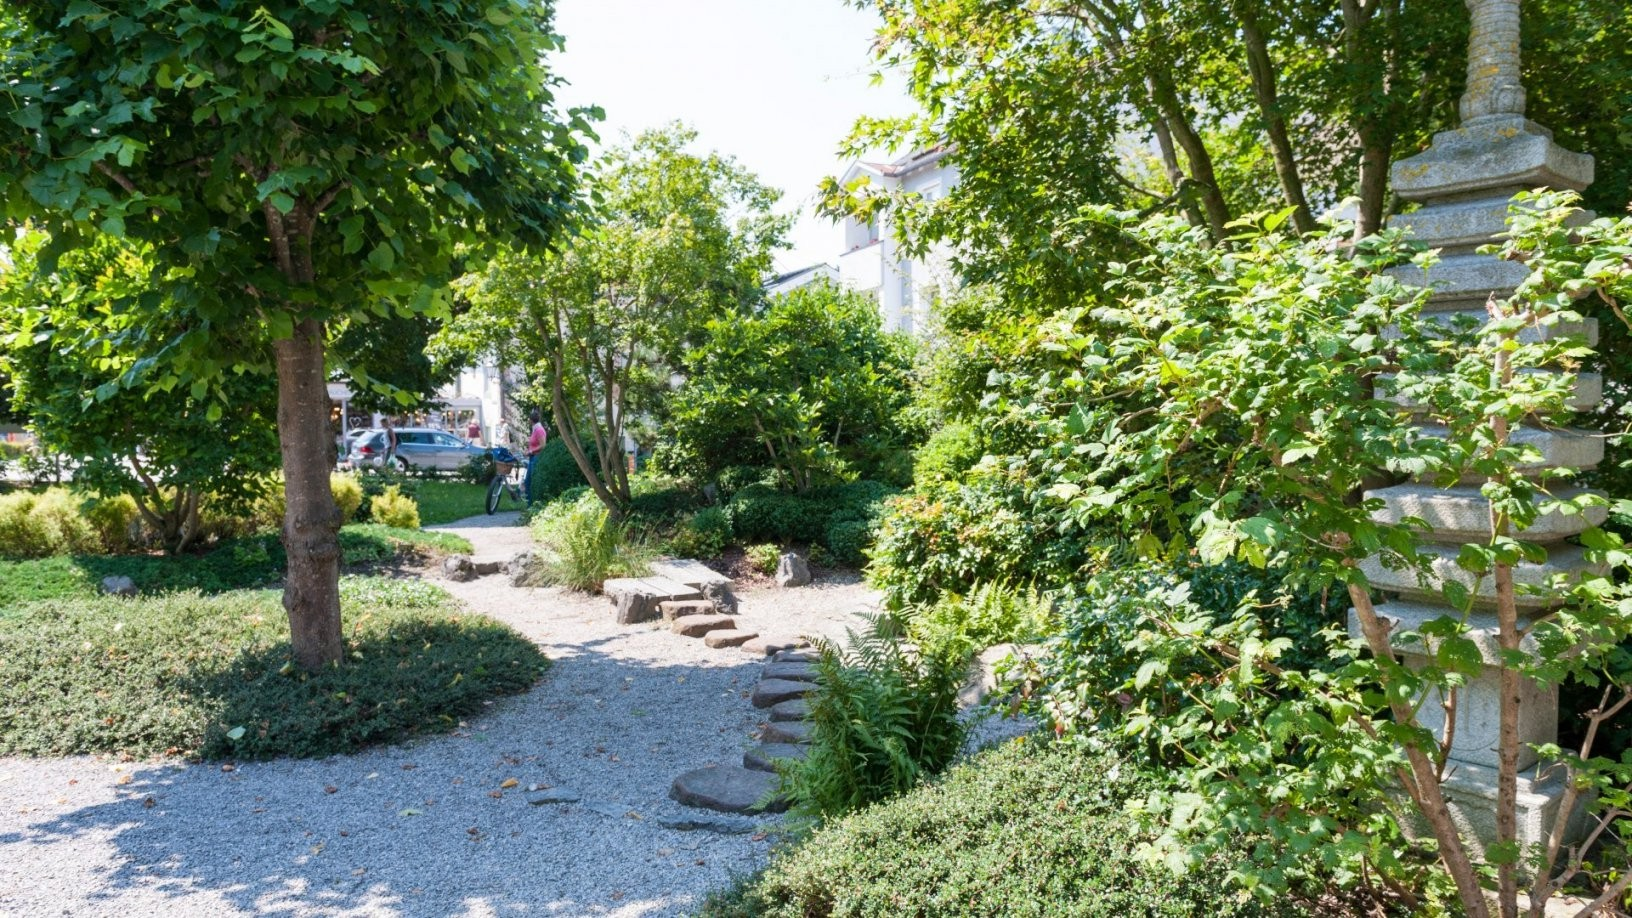 Japanischer Garten  Japanischer Garten  Sehenswertes von Kleiner Japanischer Garten Photo